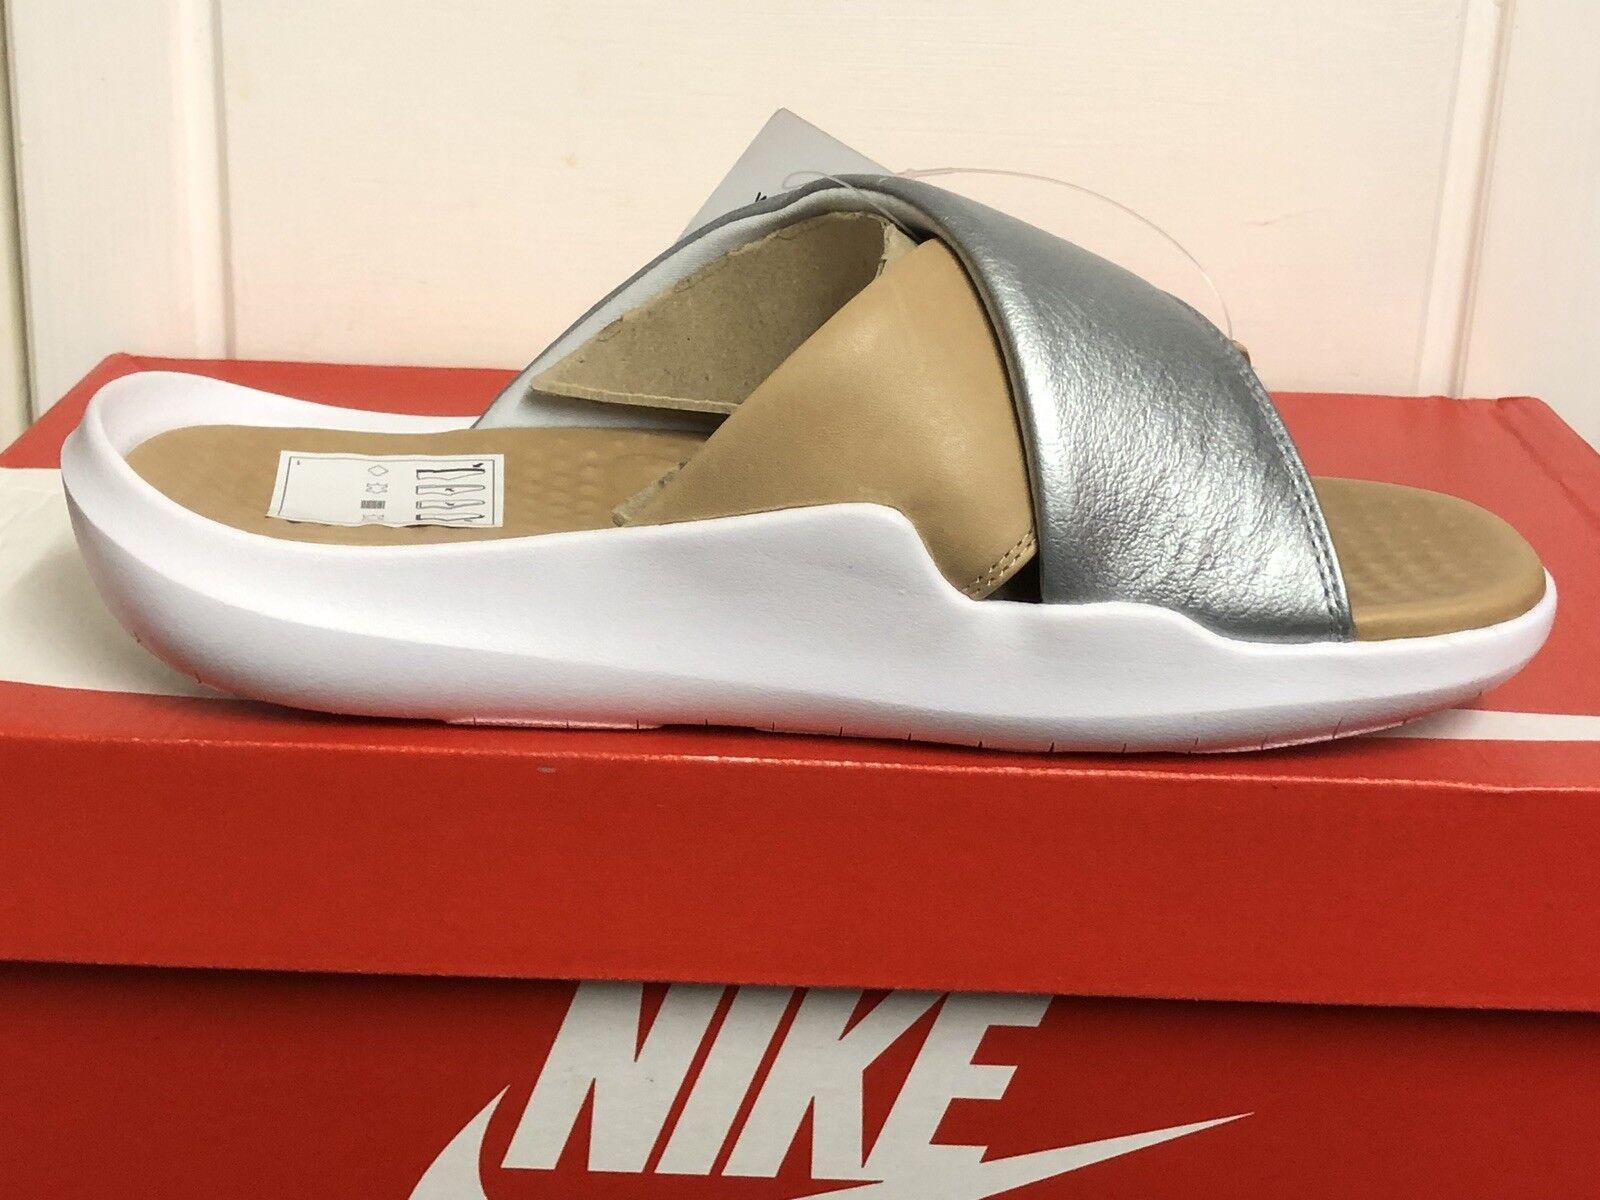 Nike Nike Nike Benassi futuro CROCE se PRM diapositive Tg EUR 35,5 US 5 9cd9e2